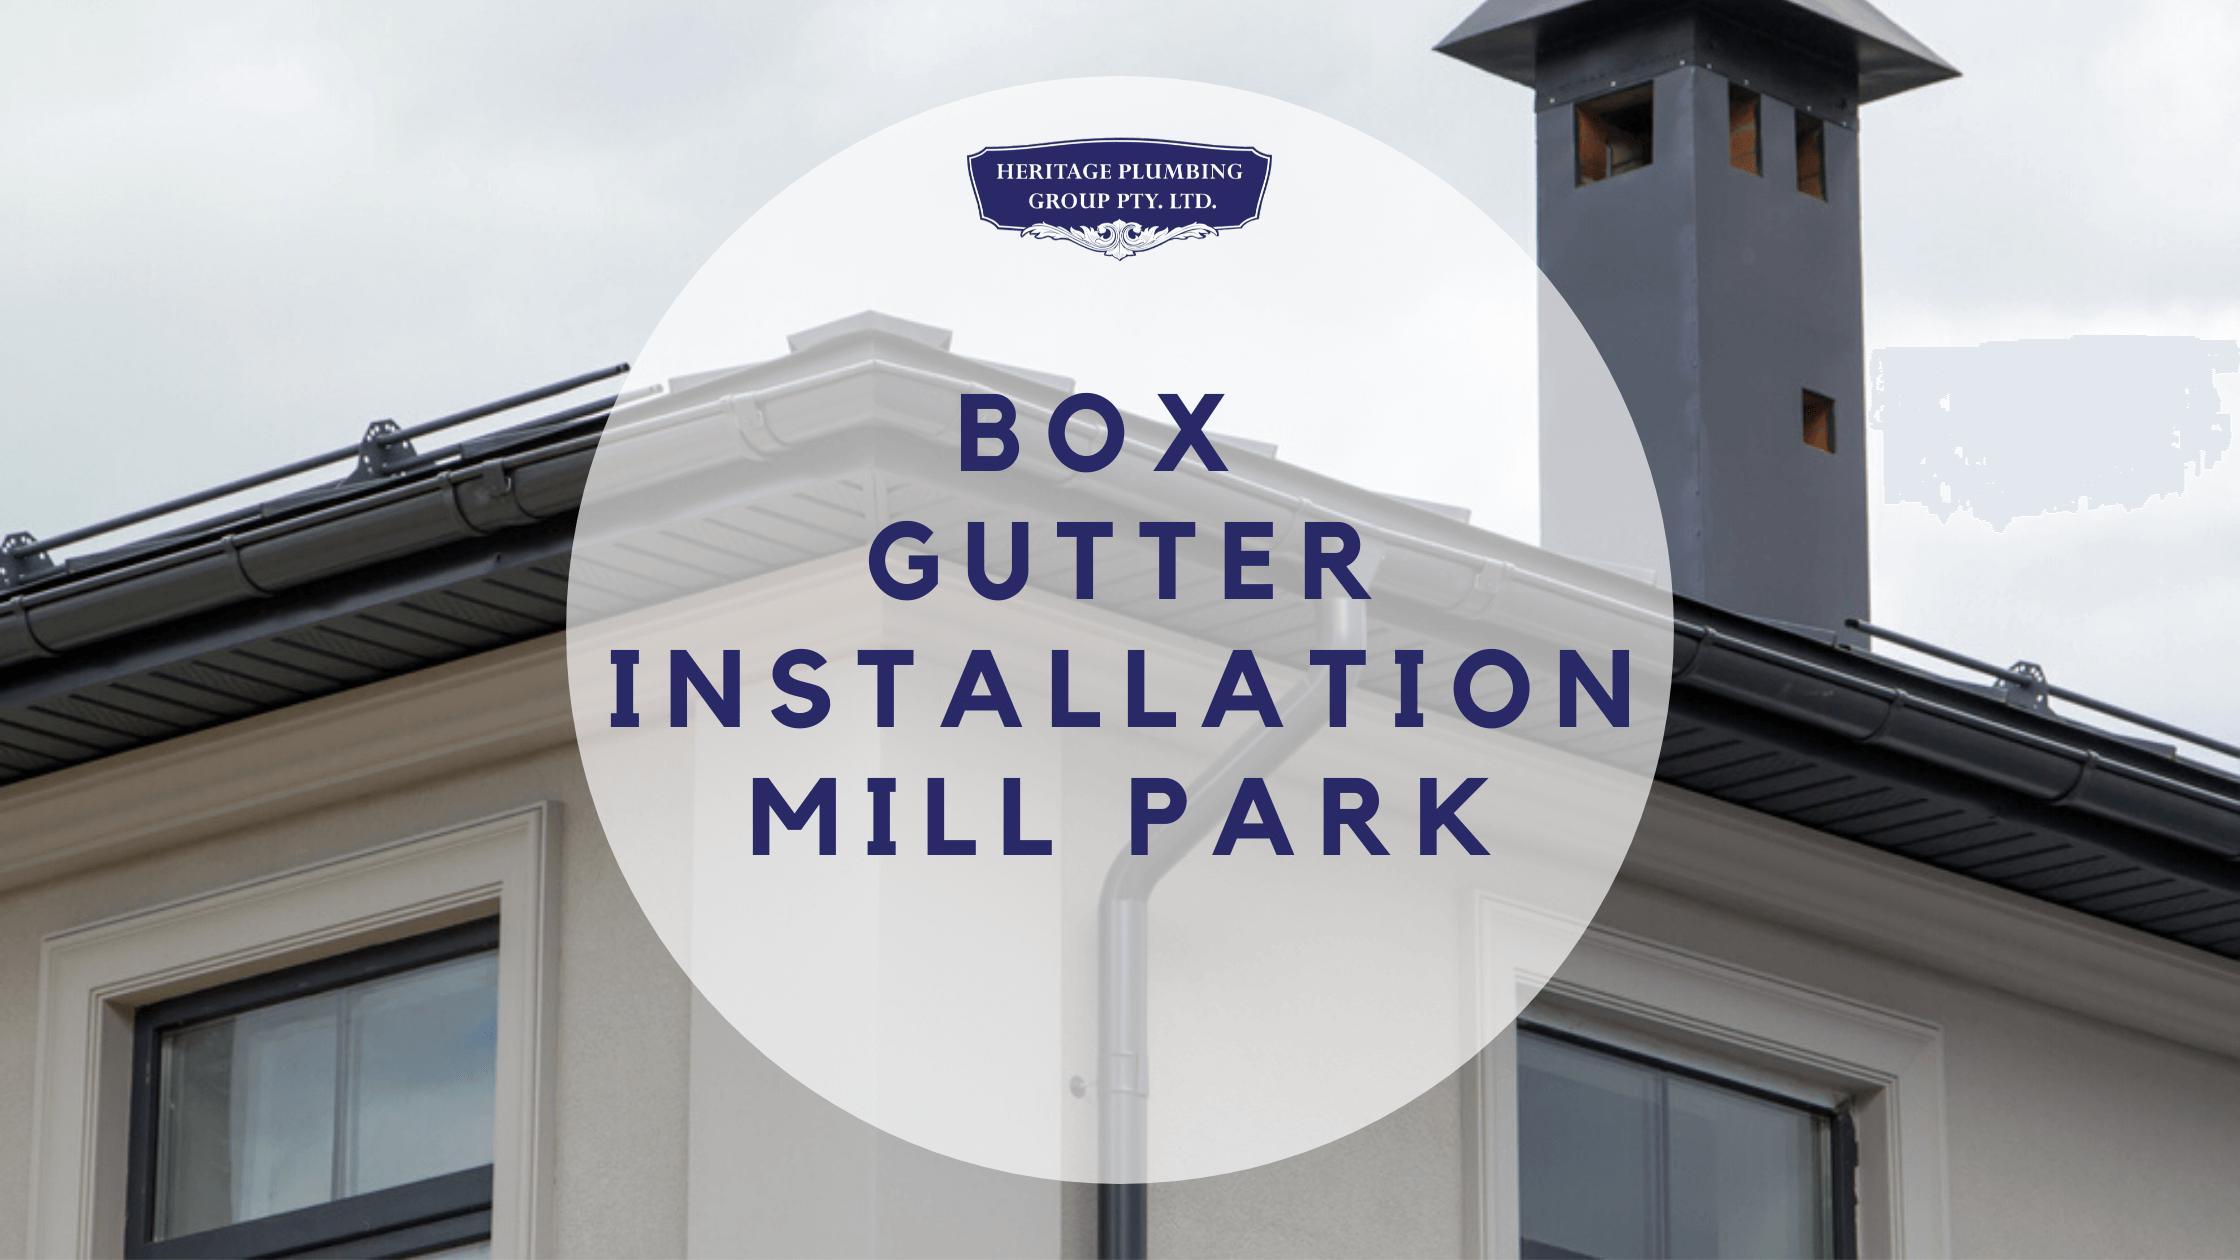 Box Gutter Installation Mill Park